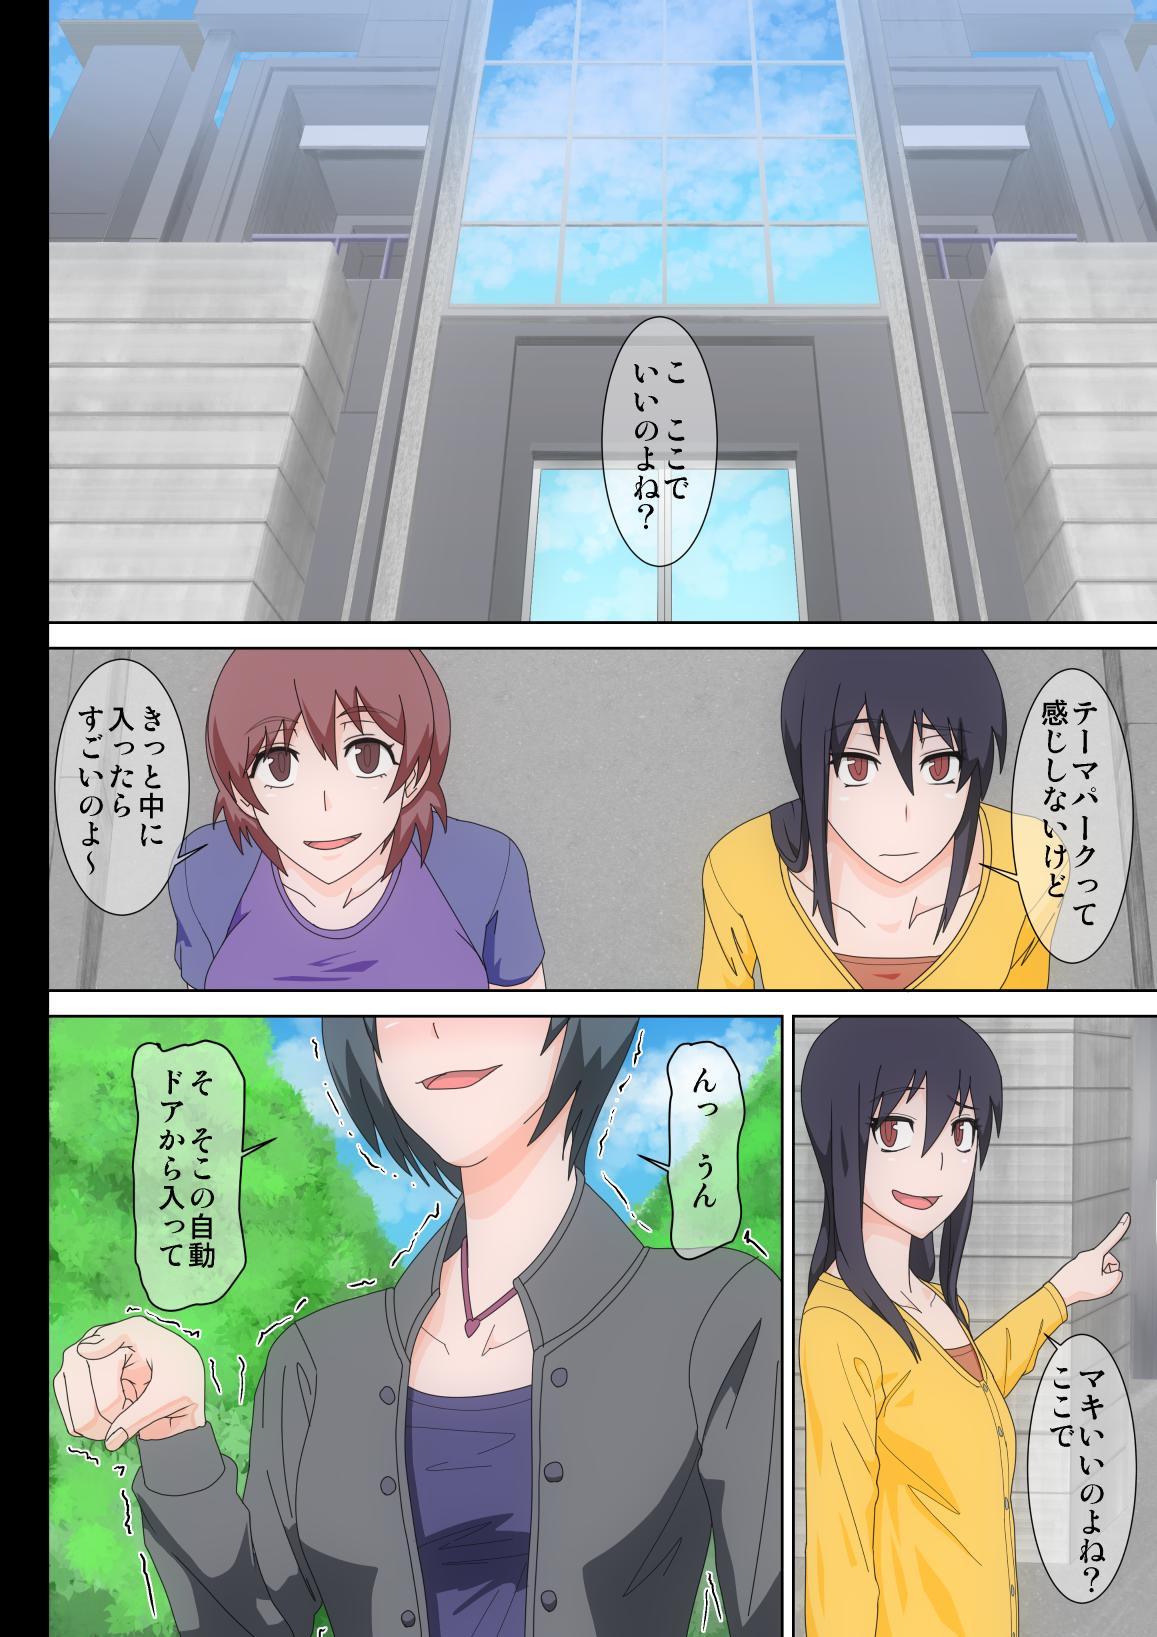 Watashi-tachi ga Sennou sare Inran Onna to Kashi Zenshin Omanko Joutai ni Naru made Choukyou sare Ian Pet toshite Shuppin sareru made no Monogatari 1